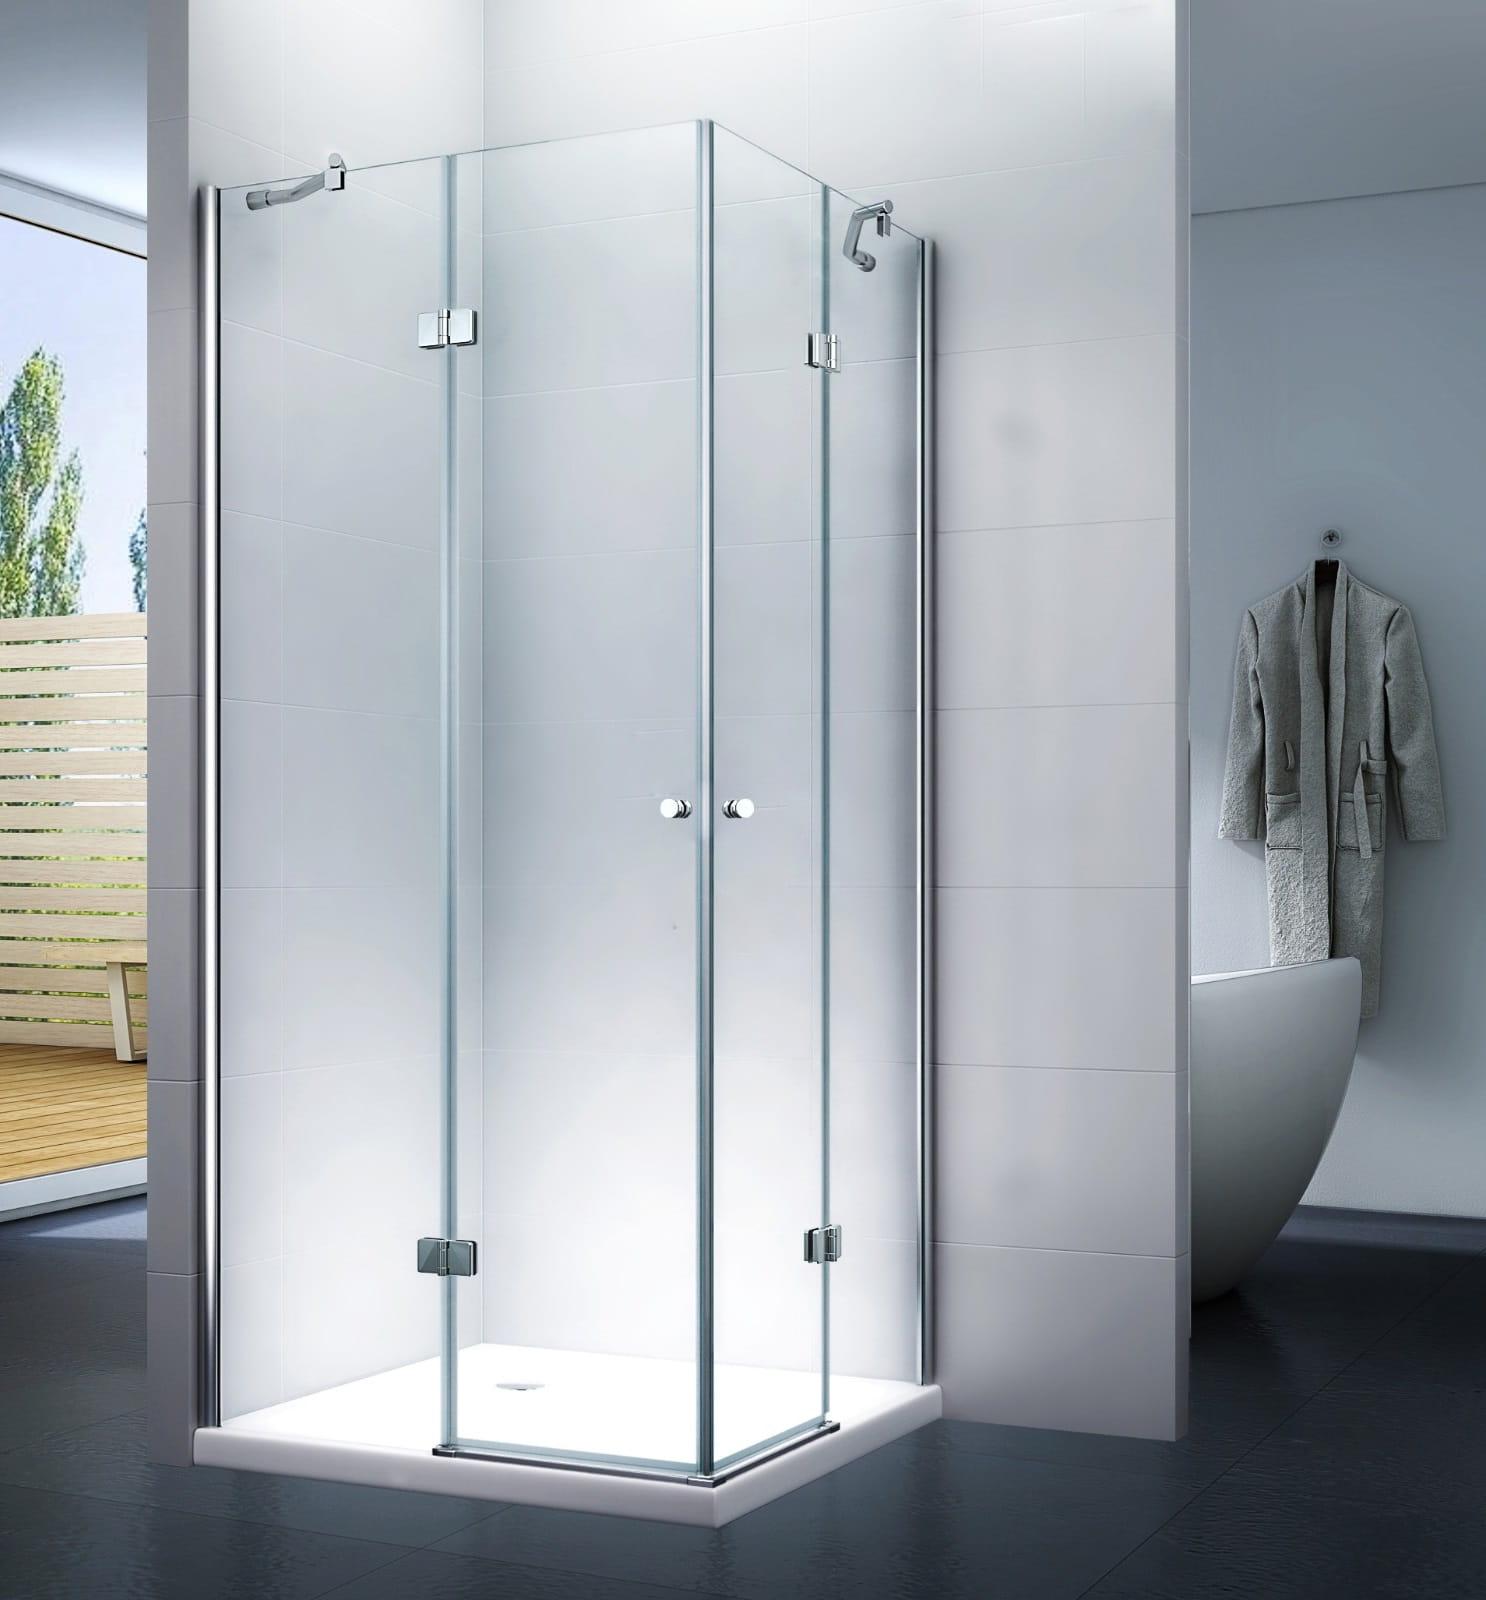 KABINA prysznicowa 100 x 100 UCHYLNA MSD3001 - SWISS MEYER PREMIUM